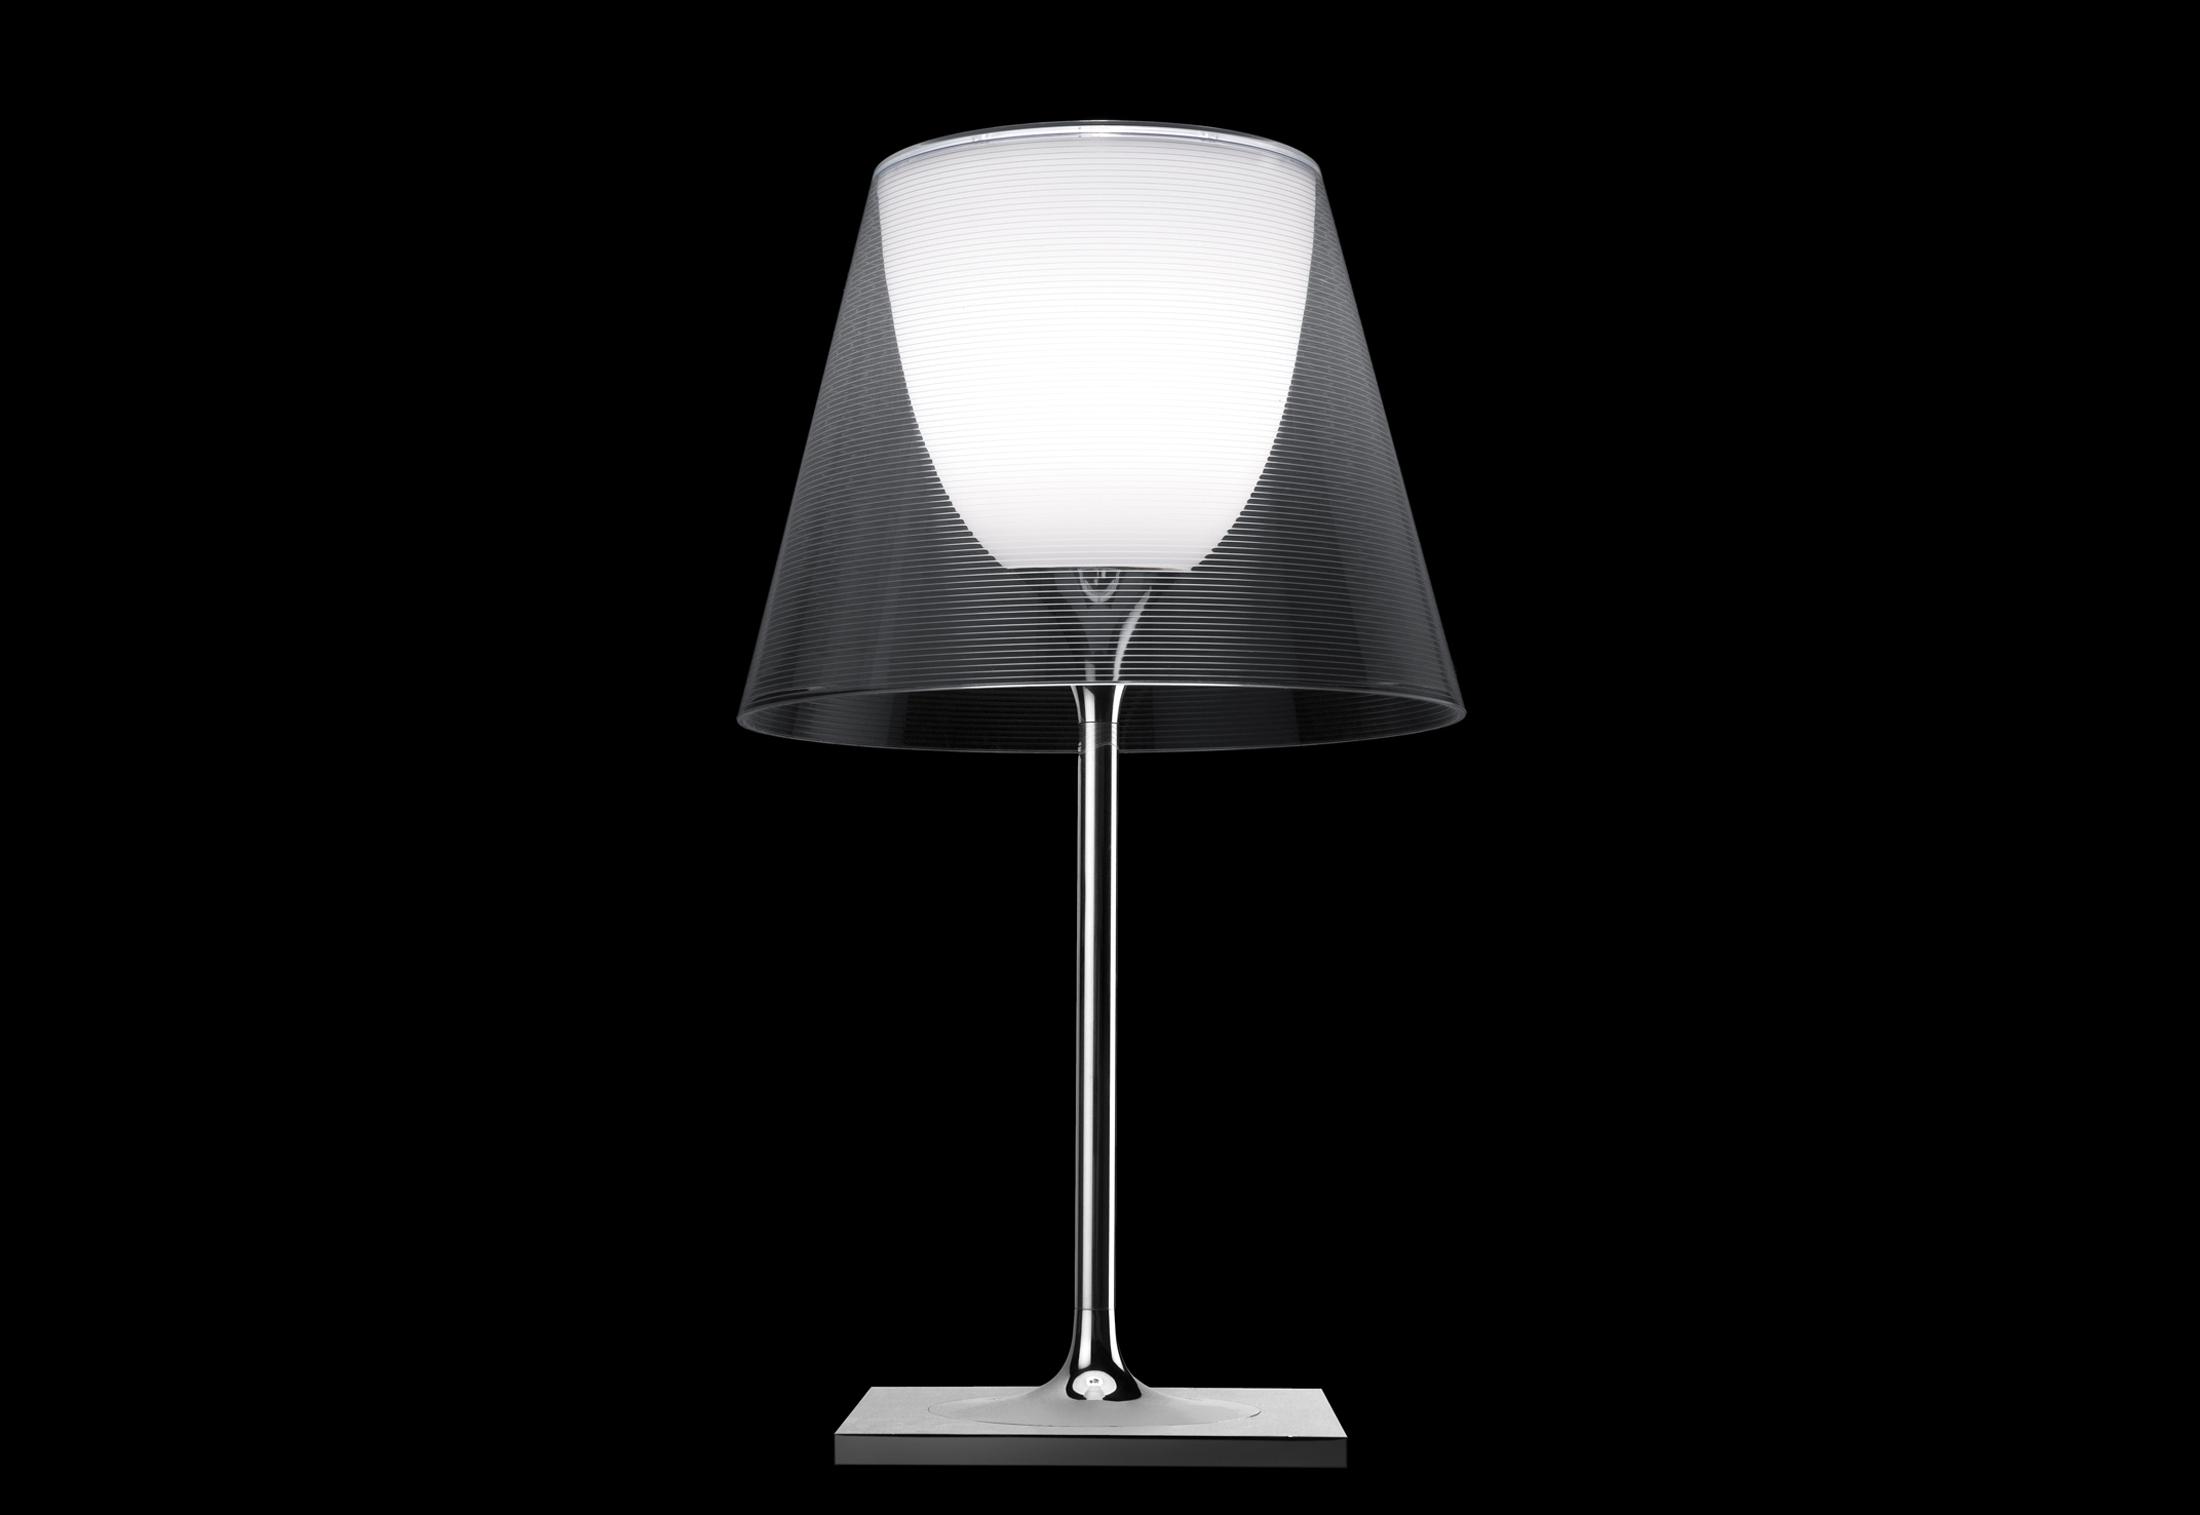 Lampade Flos Design : Ktribe t di flos lampade da tavolo illuminazione